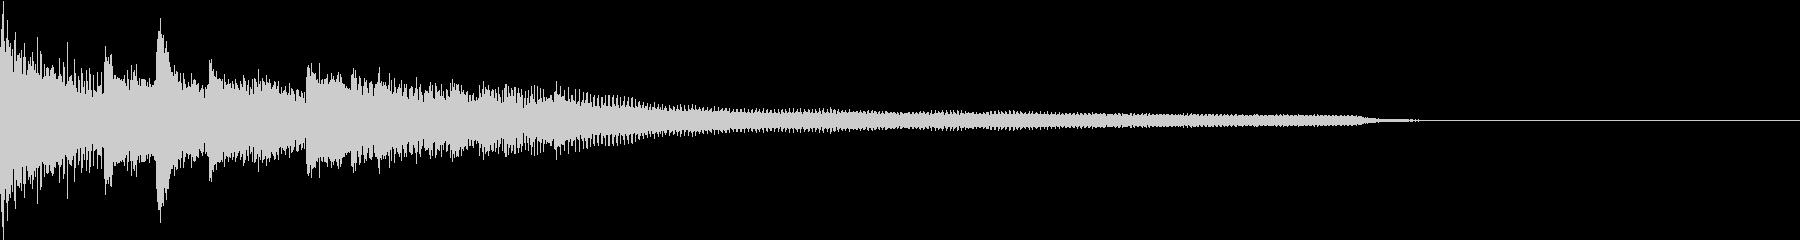 エレガントなピアノリフの未再生の波形